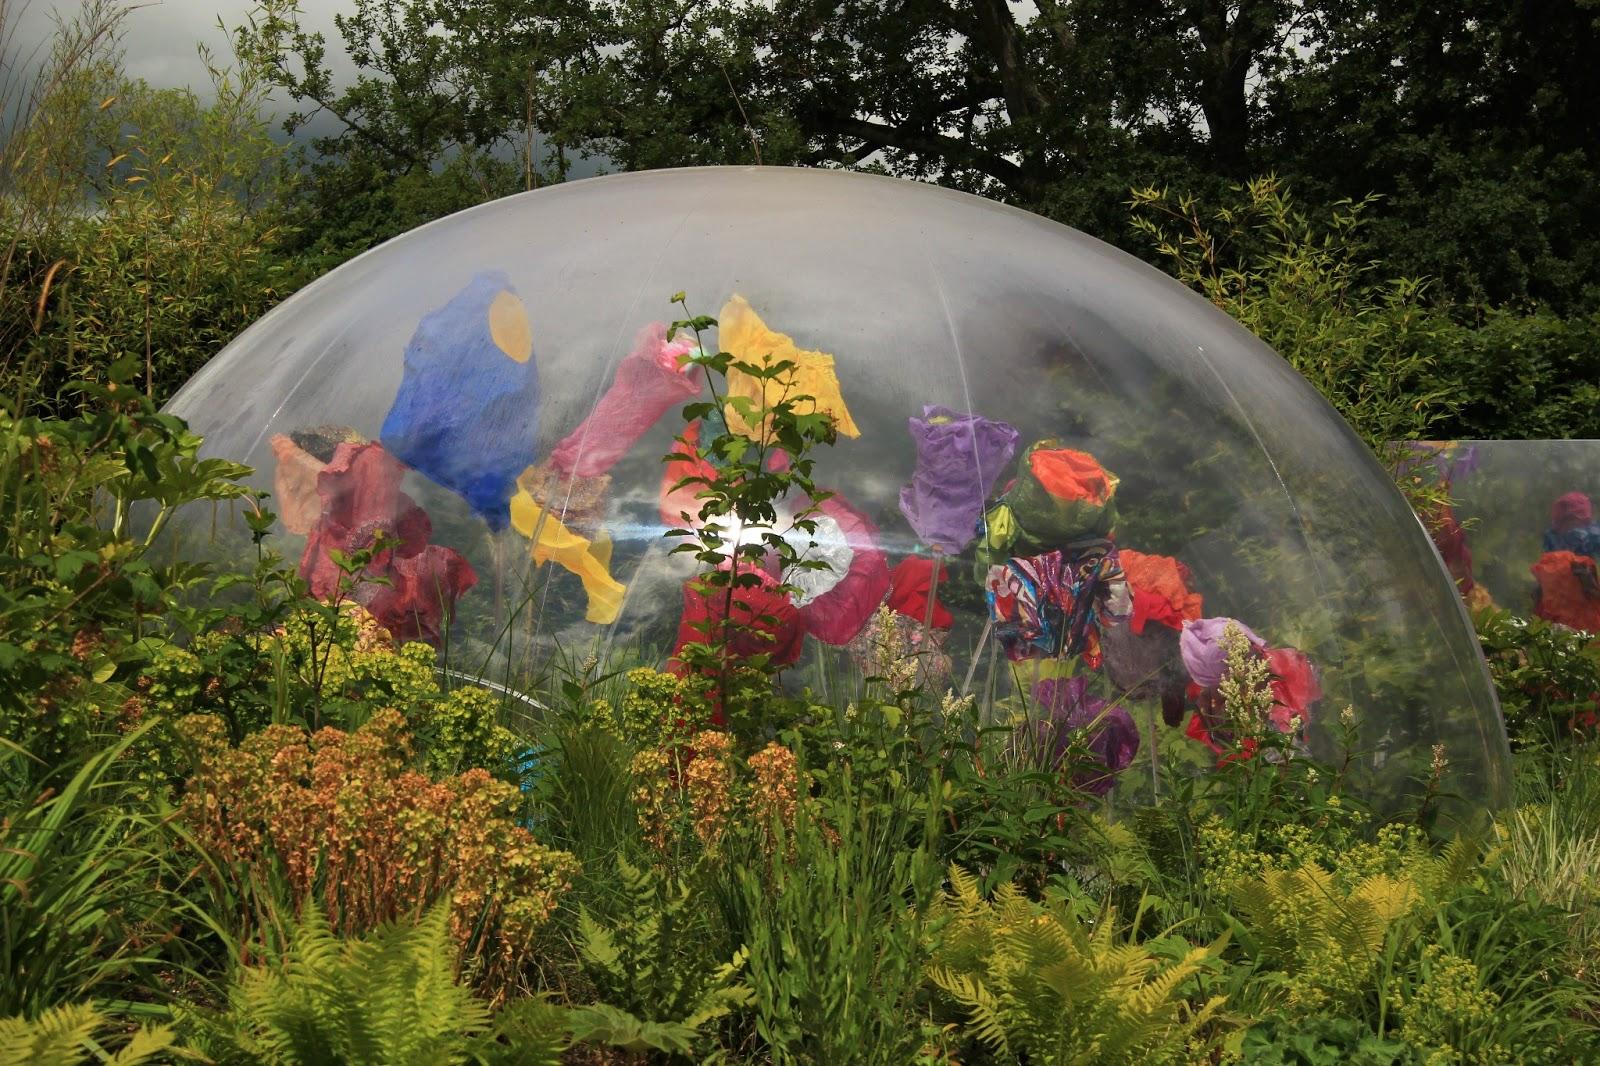 Festival international des jardins de chaumont sur loire autour de tours - Festival international des jardins ...